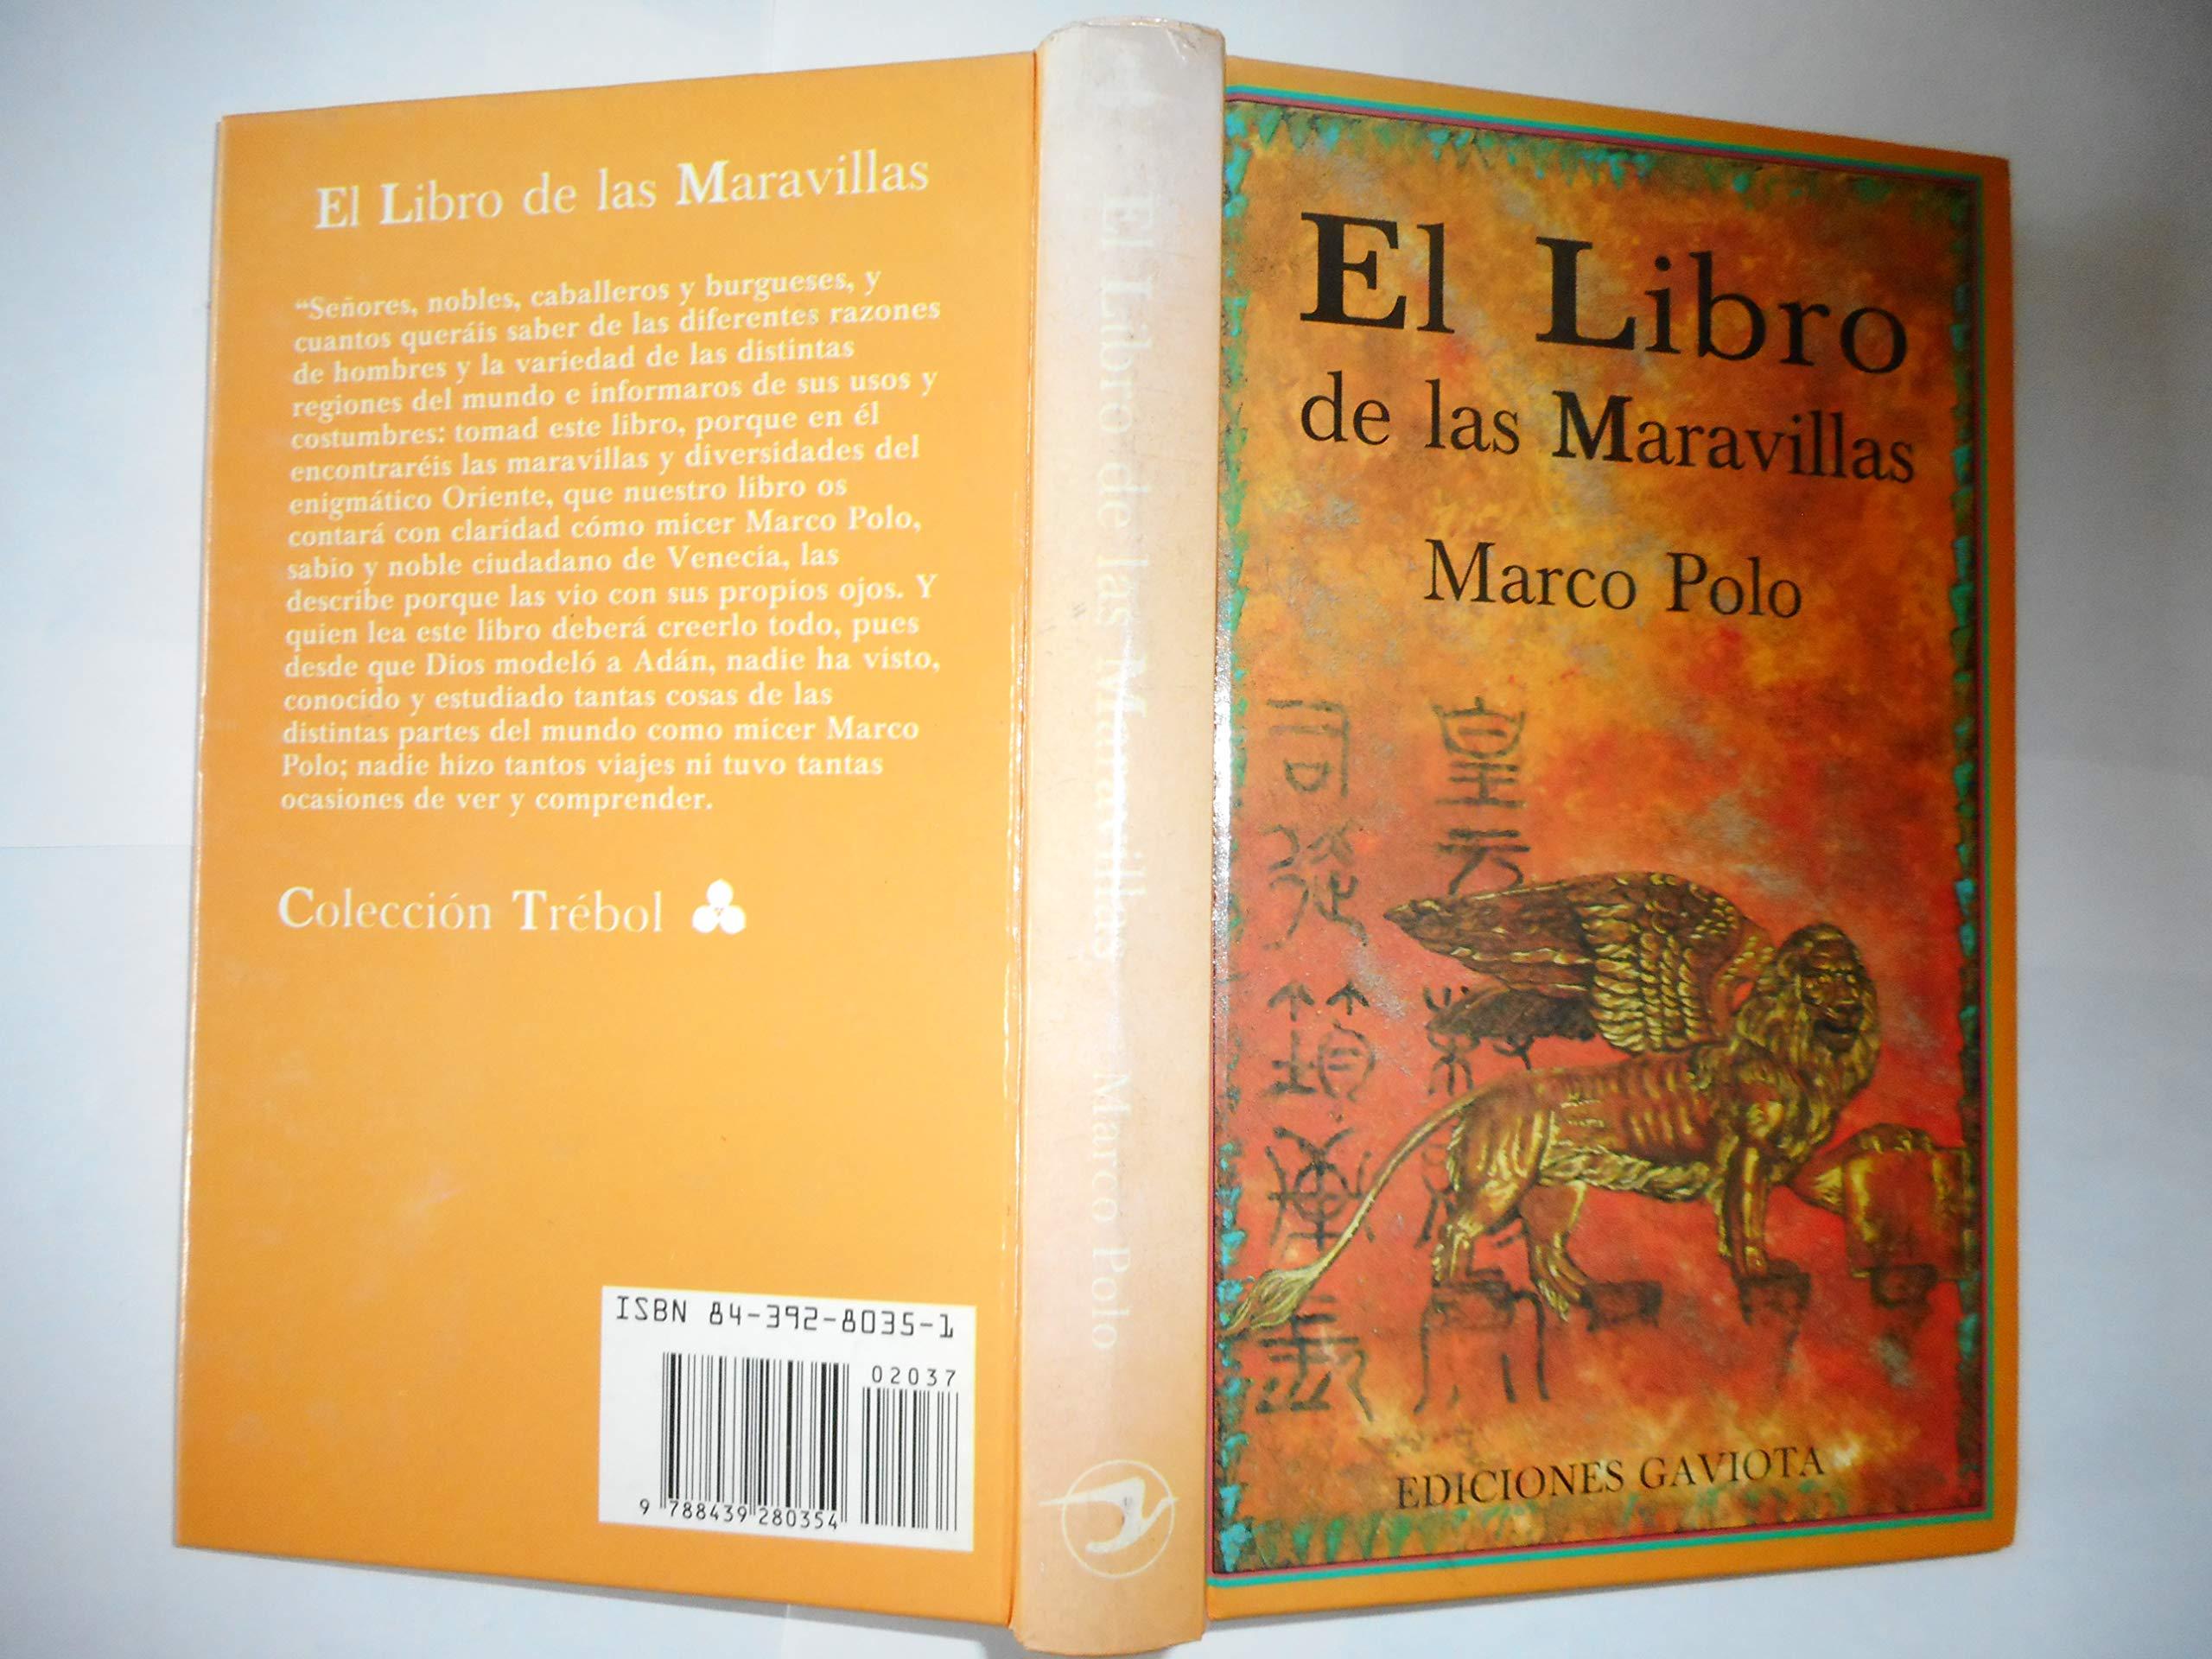 El Libro de las Maravillas (Trébol): Amazon.es: Polo Marco: Libros